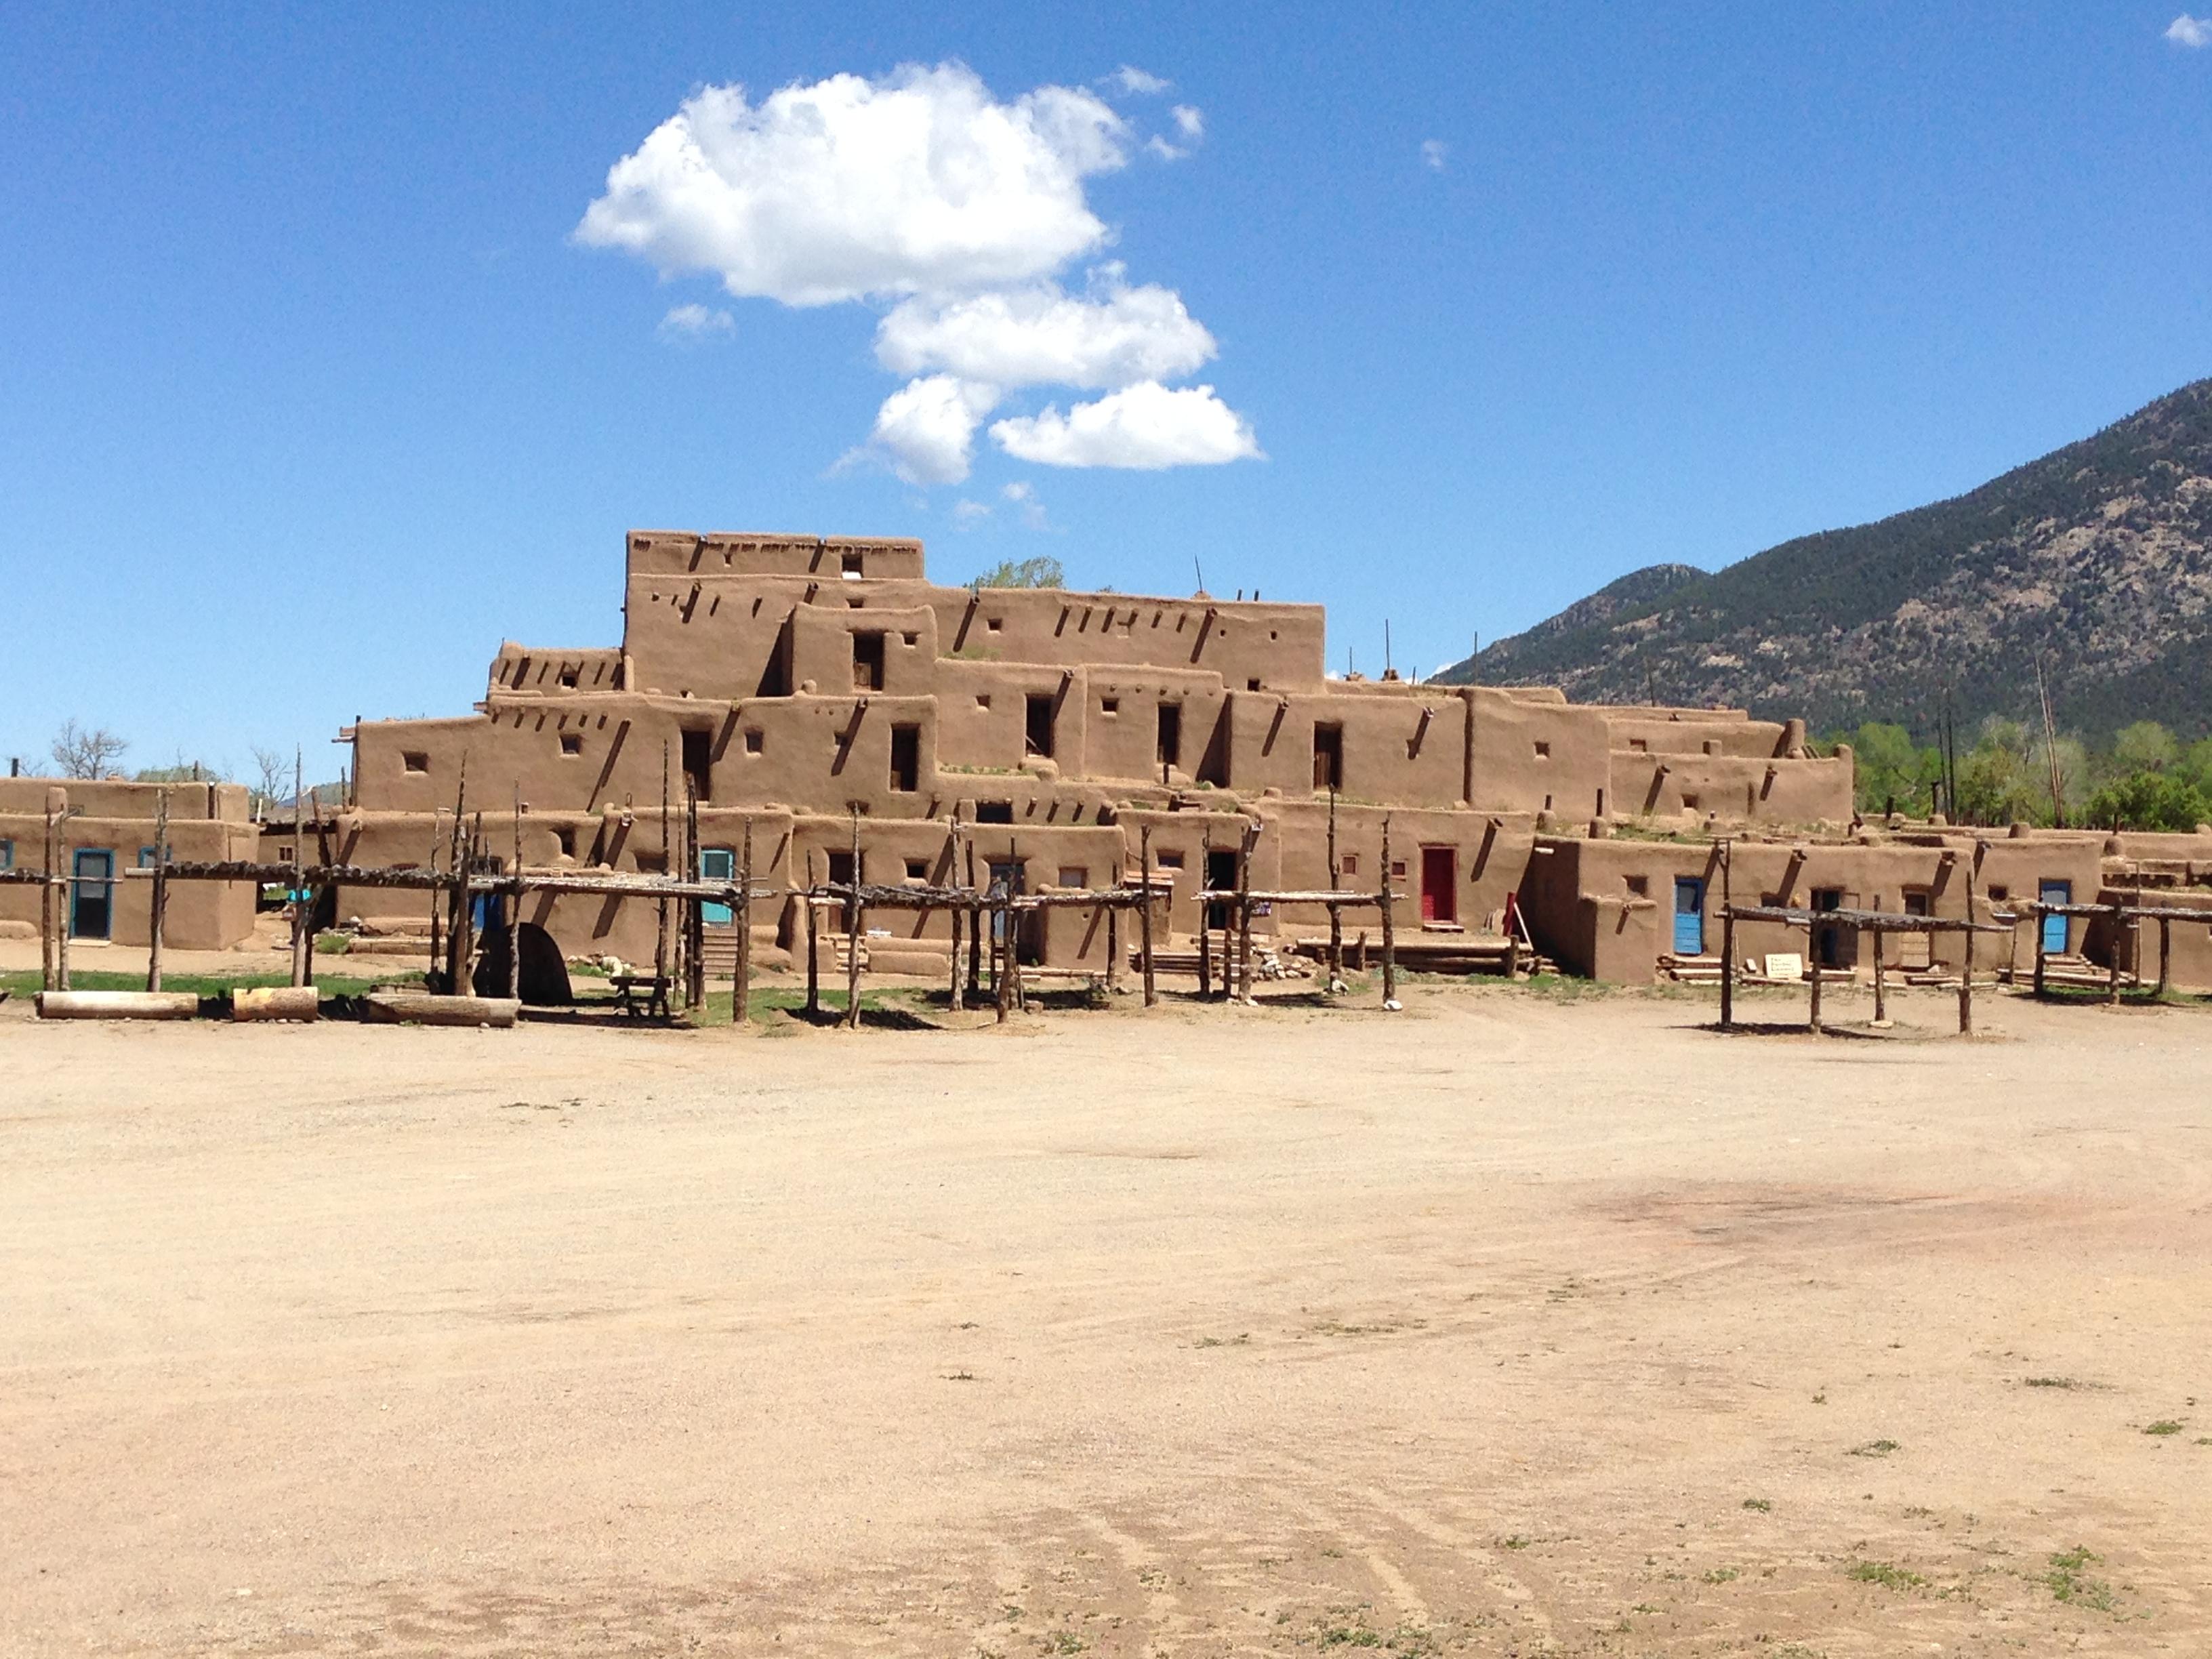 the Taos Pueblo village